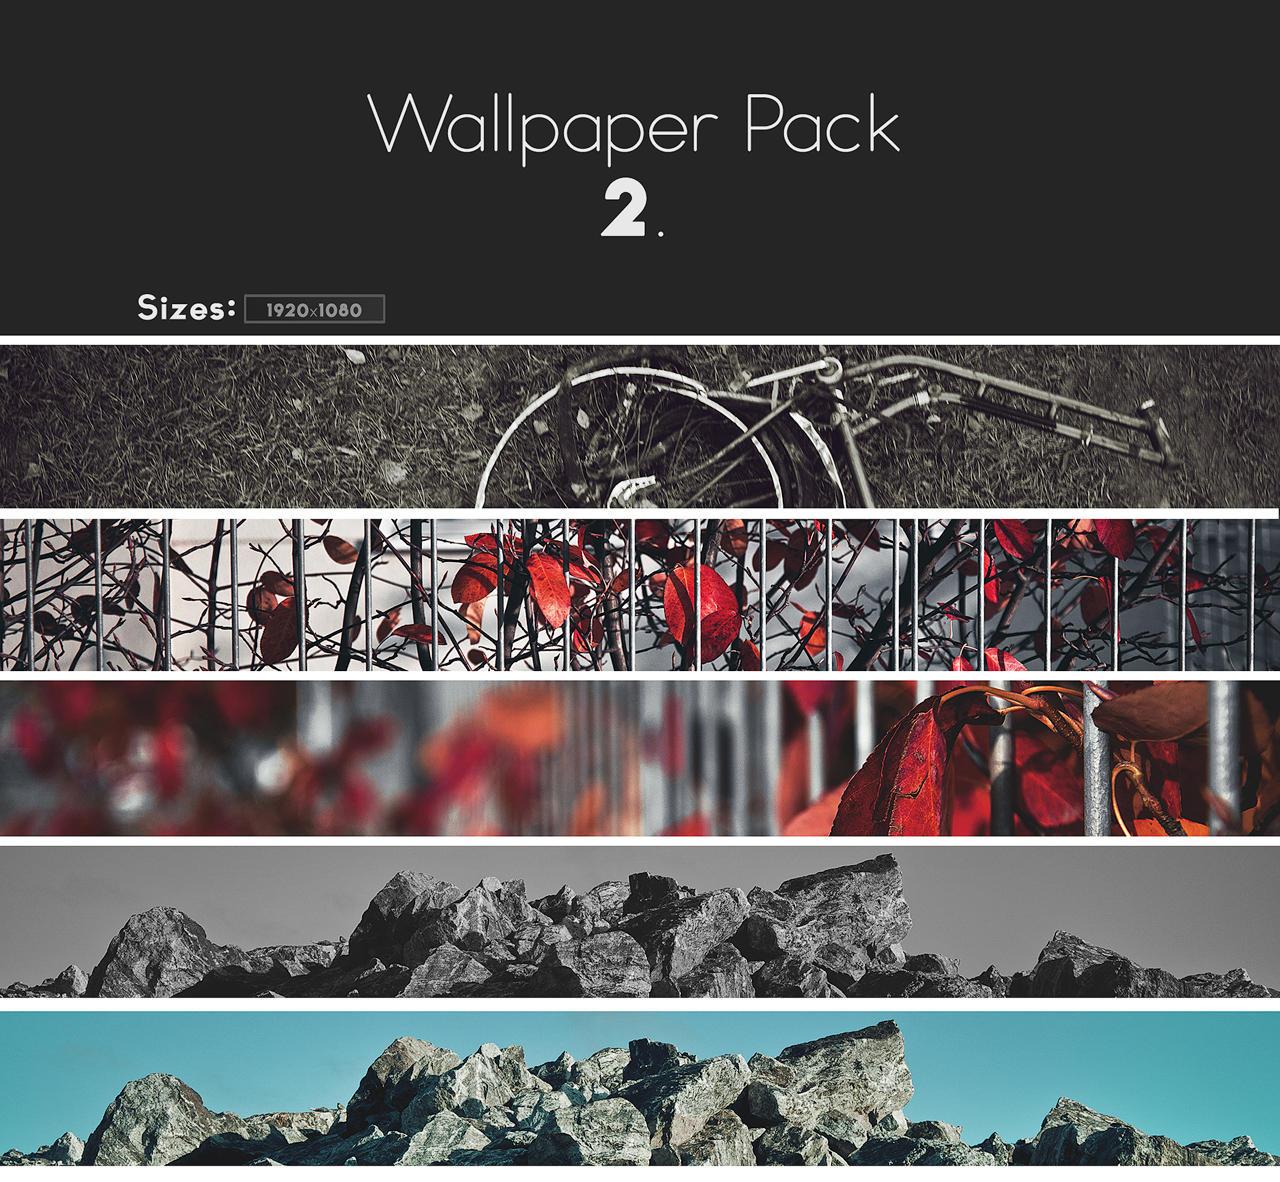 Wallpaperpack 2 by Anselmeth